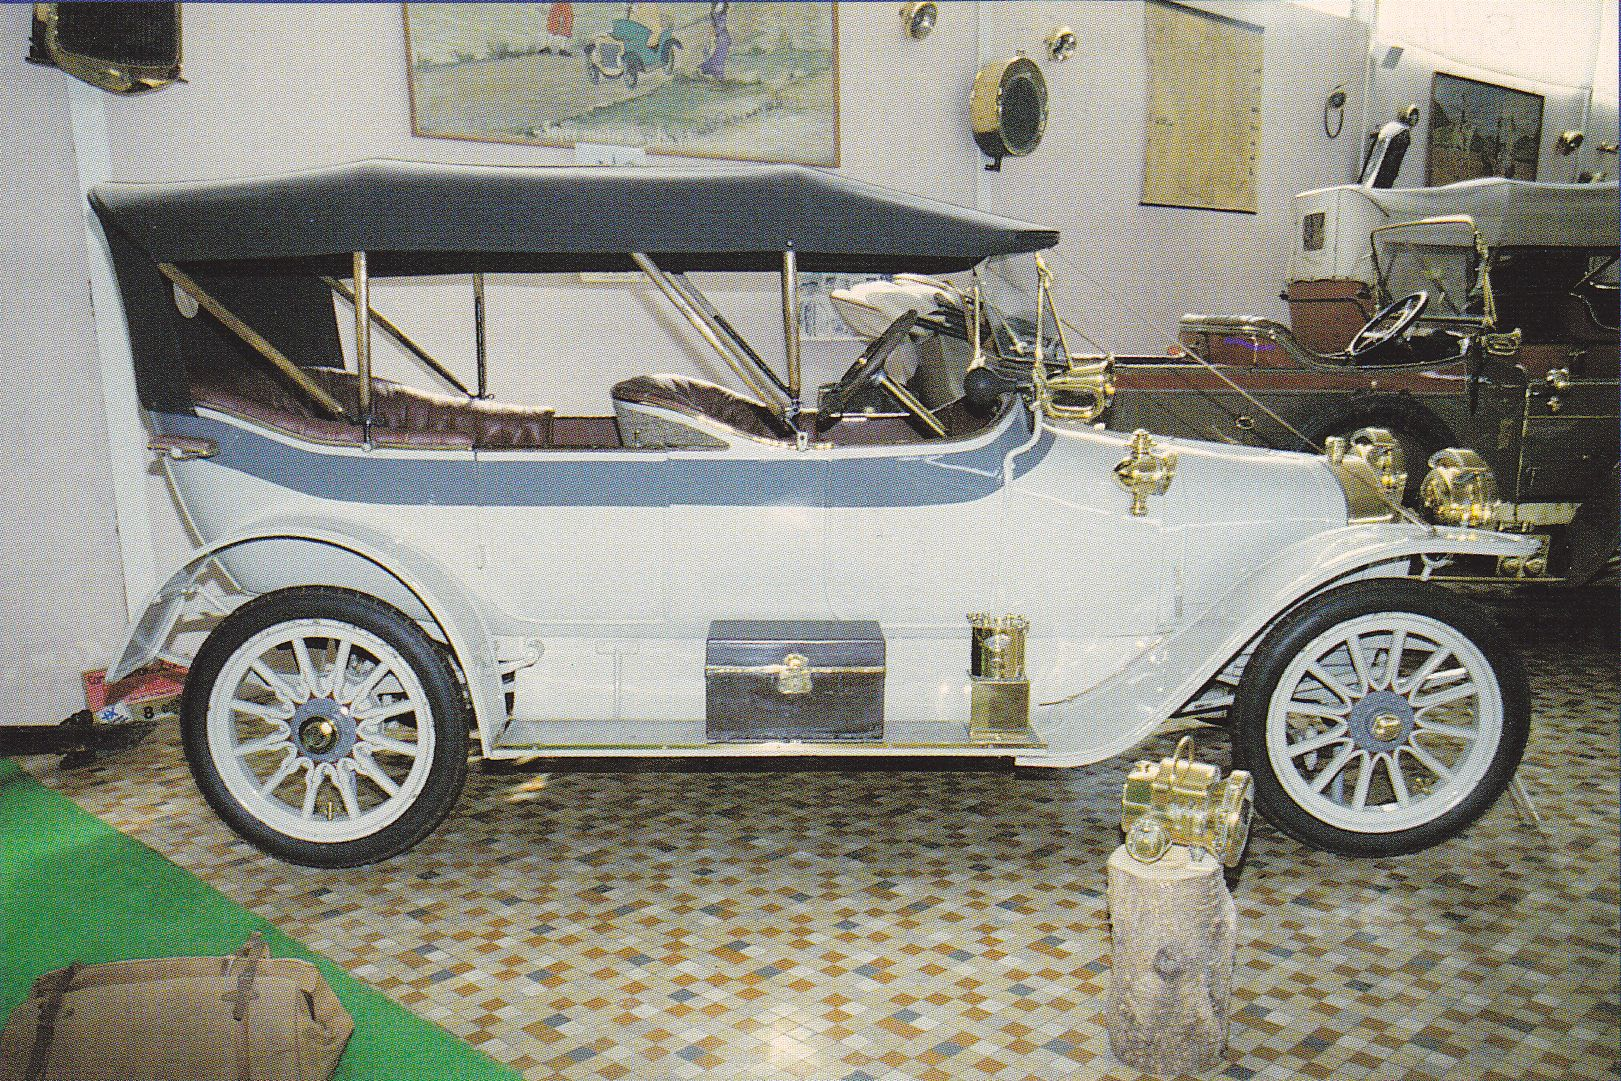 barre musee automobile de vendee voiture de tourisme automobiles barr france. Black Bedroom Furniture Sets. Home Design Ideas